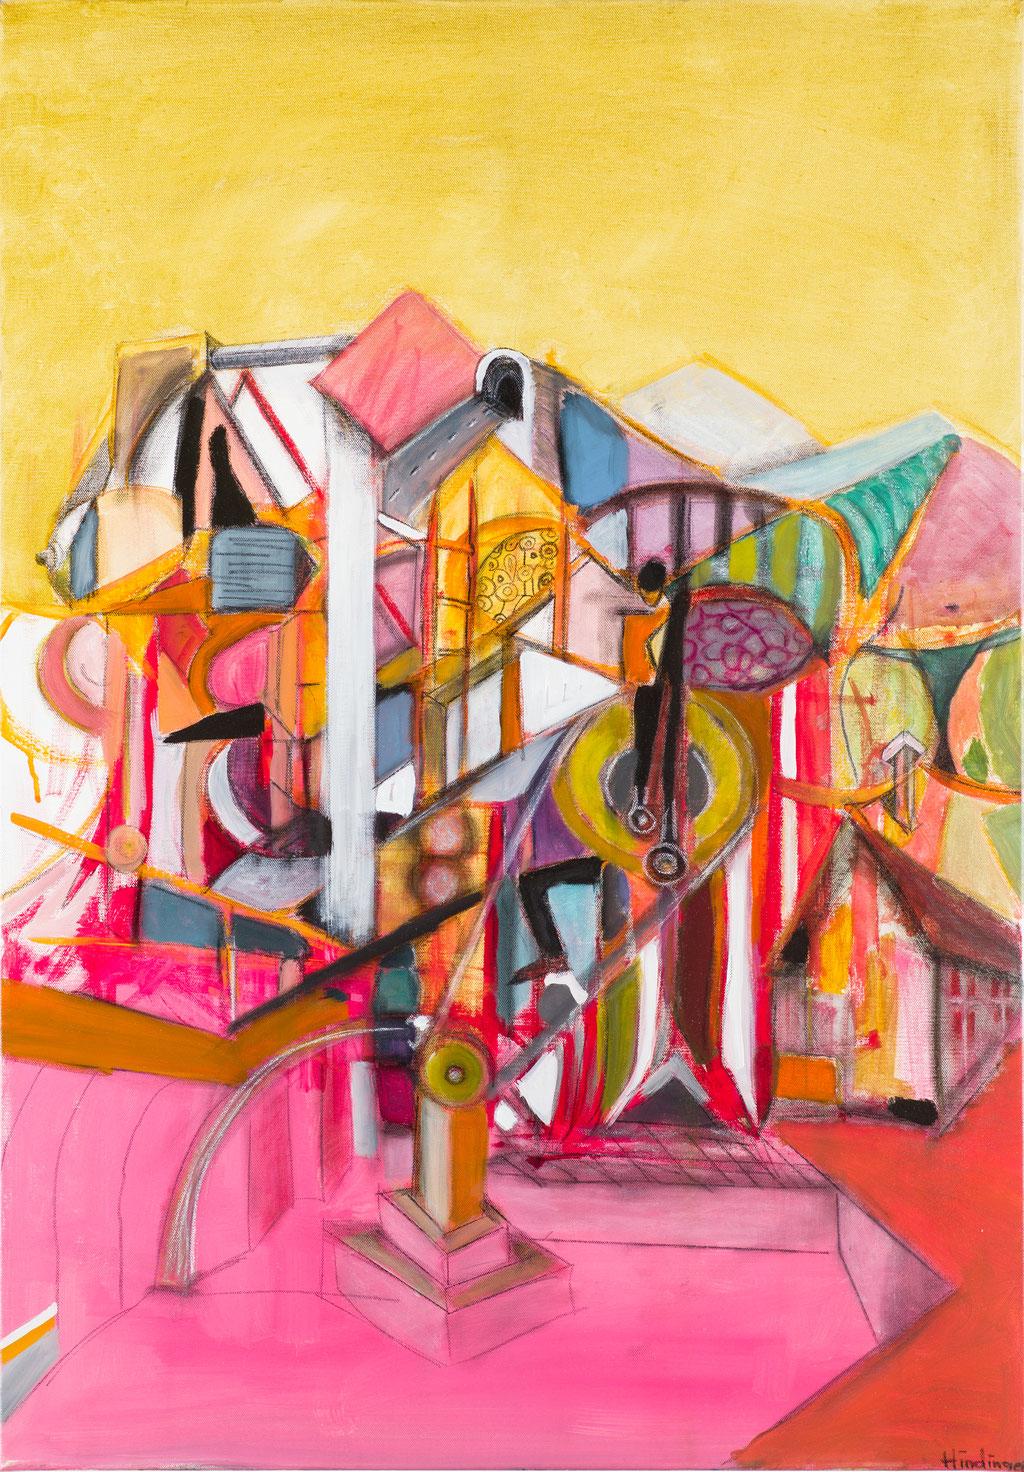 die papiermühle bei breitenberg von linz kommend - 70 x 100 cm, Acryl auf Leinwand